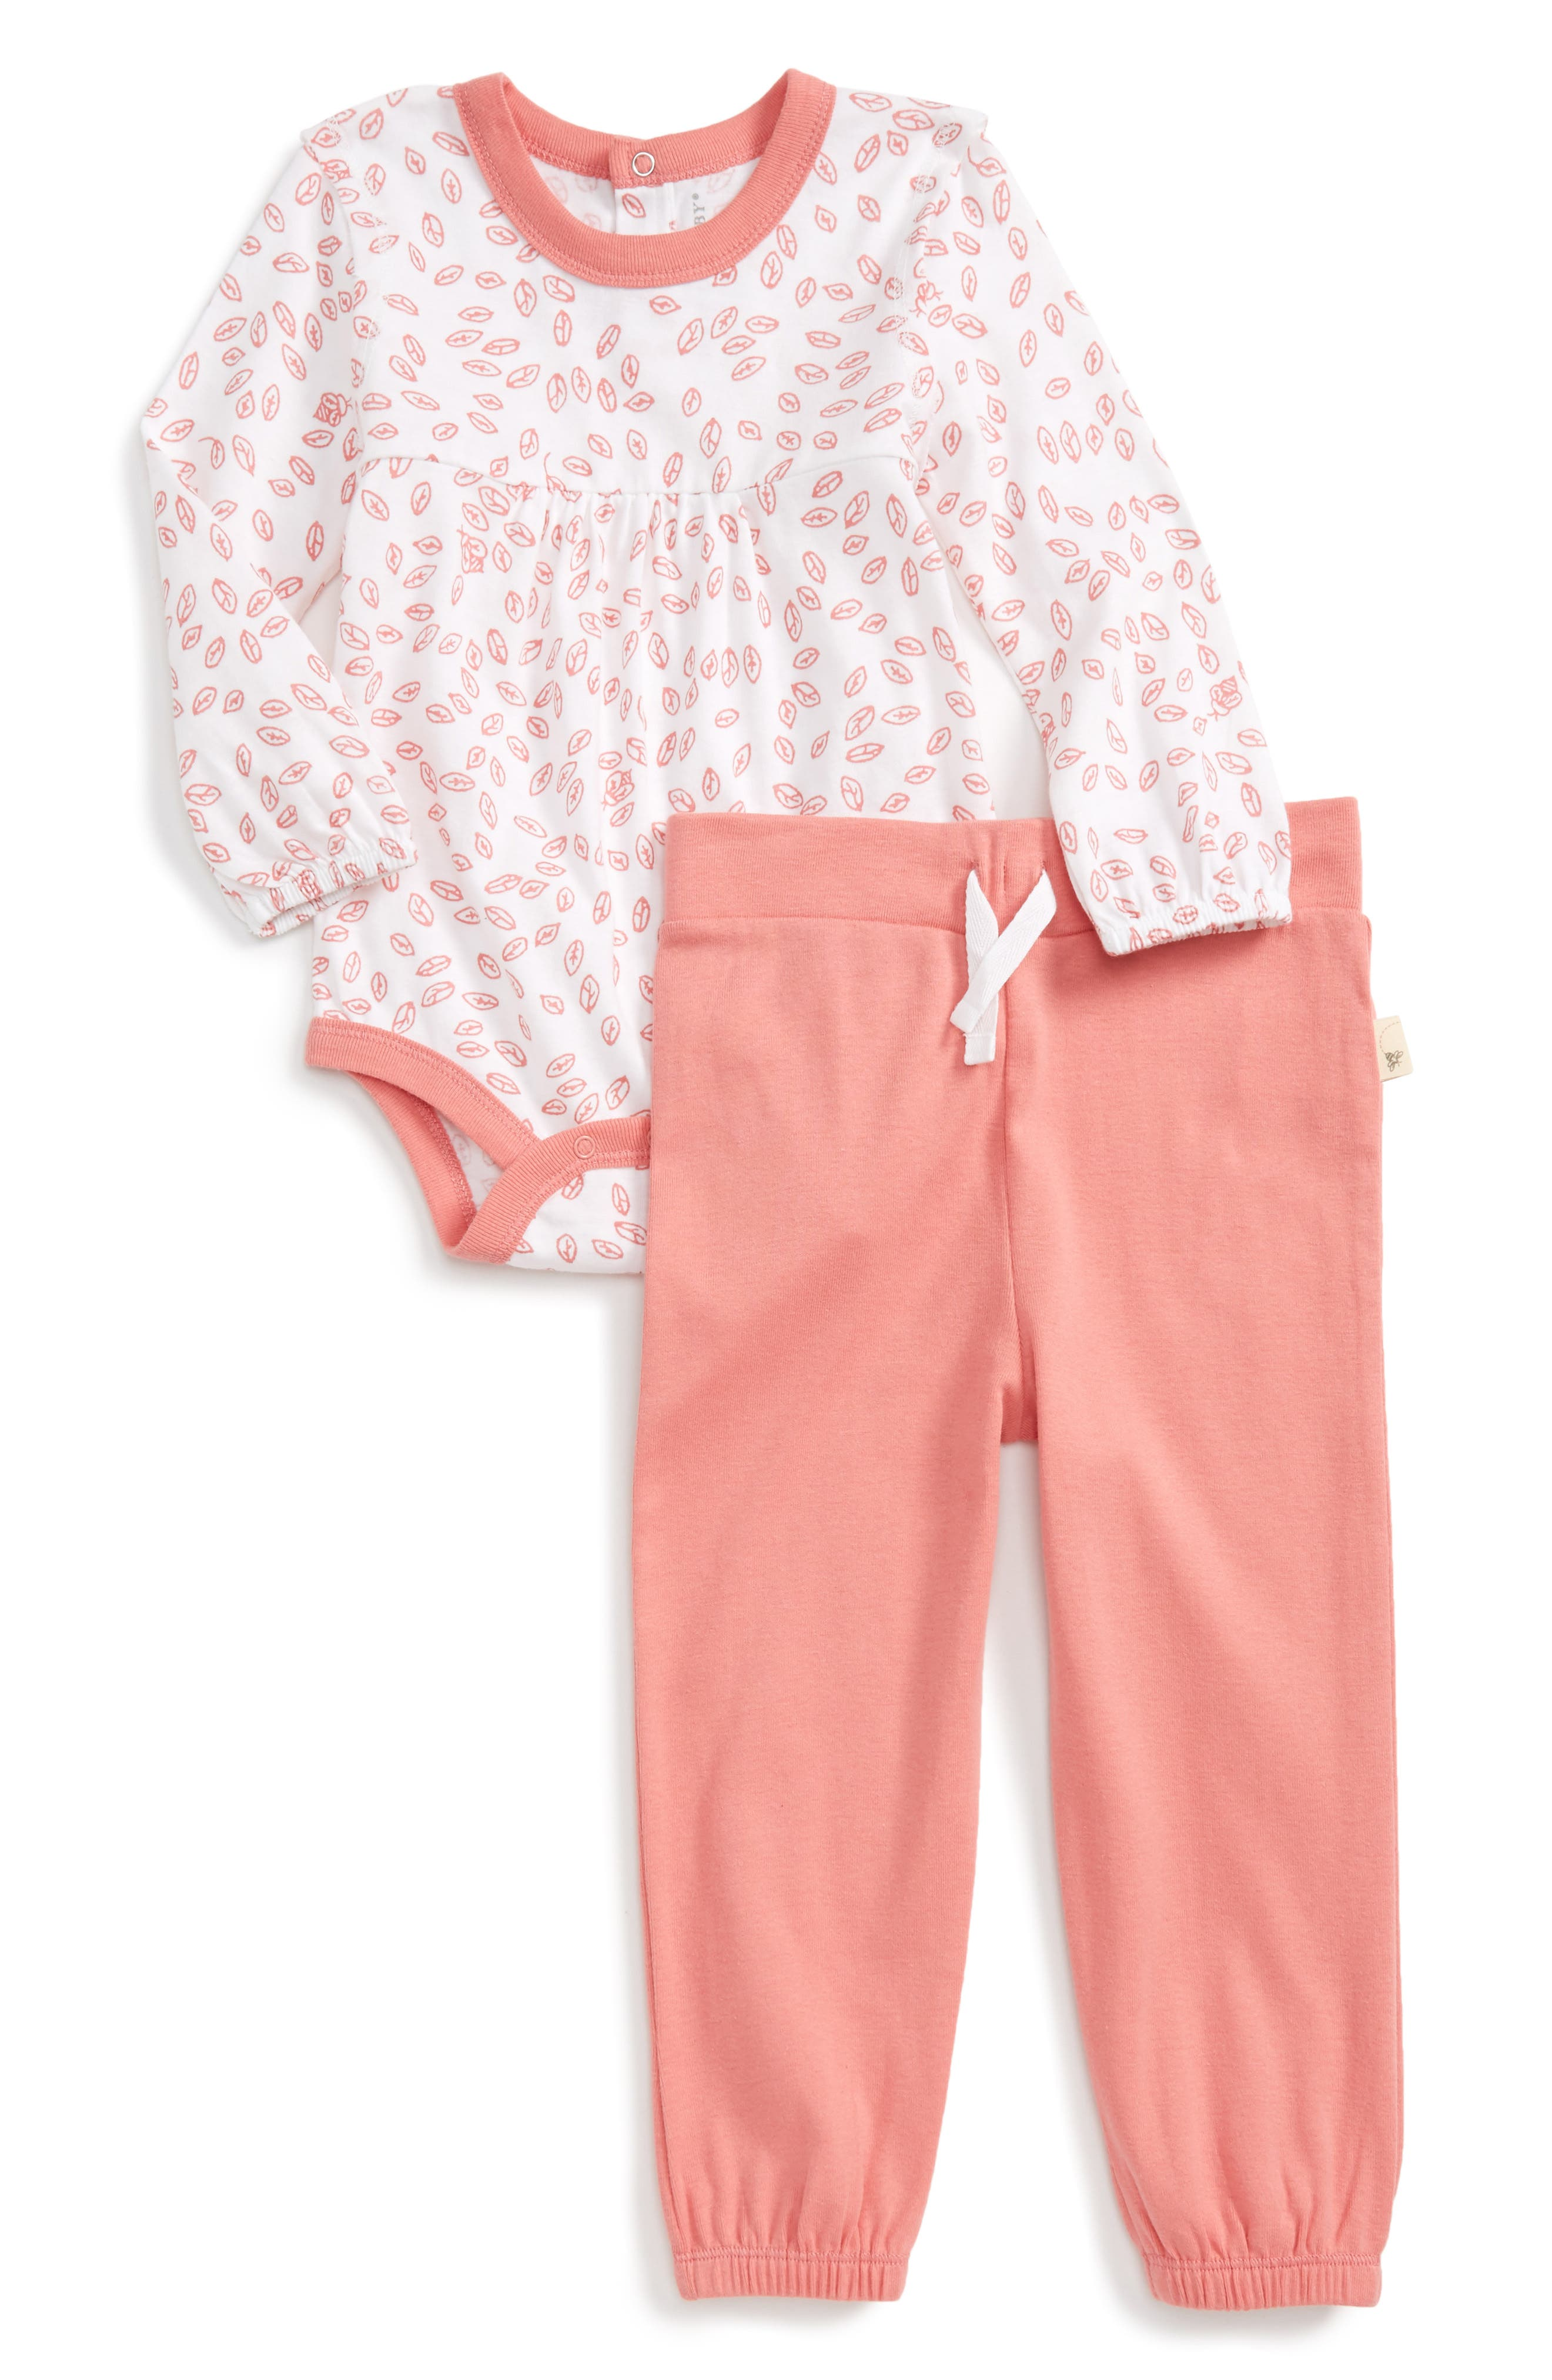 Burt's Bees Baby Falling Leaves Organic Cotton Bodysuit & Pants Set (Baby Girls)